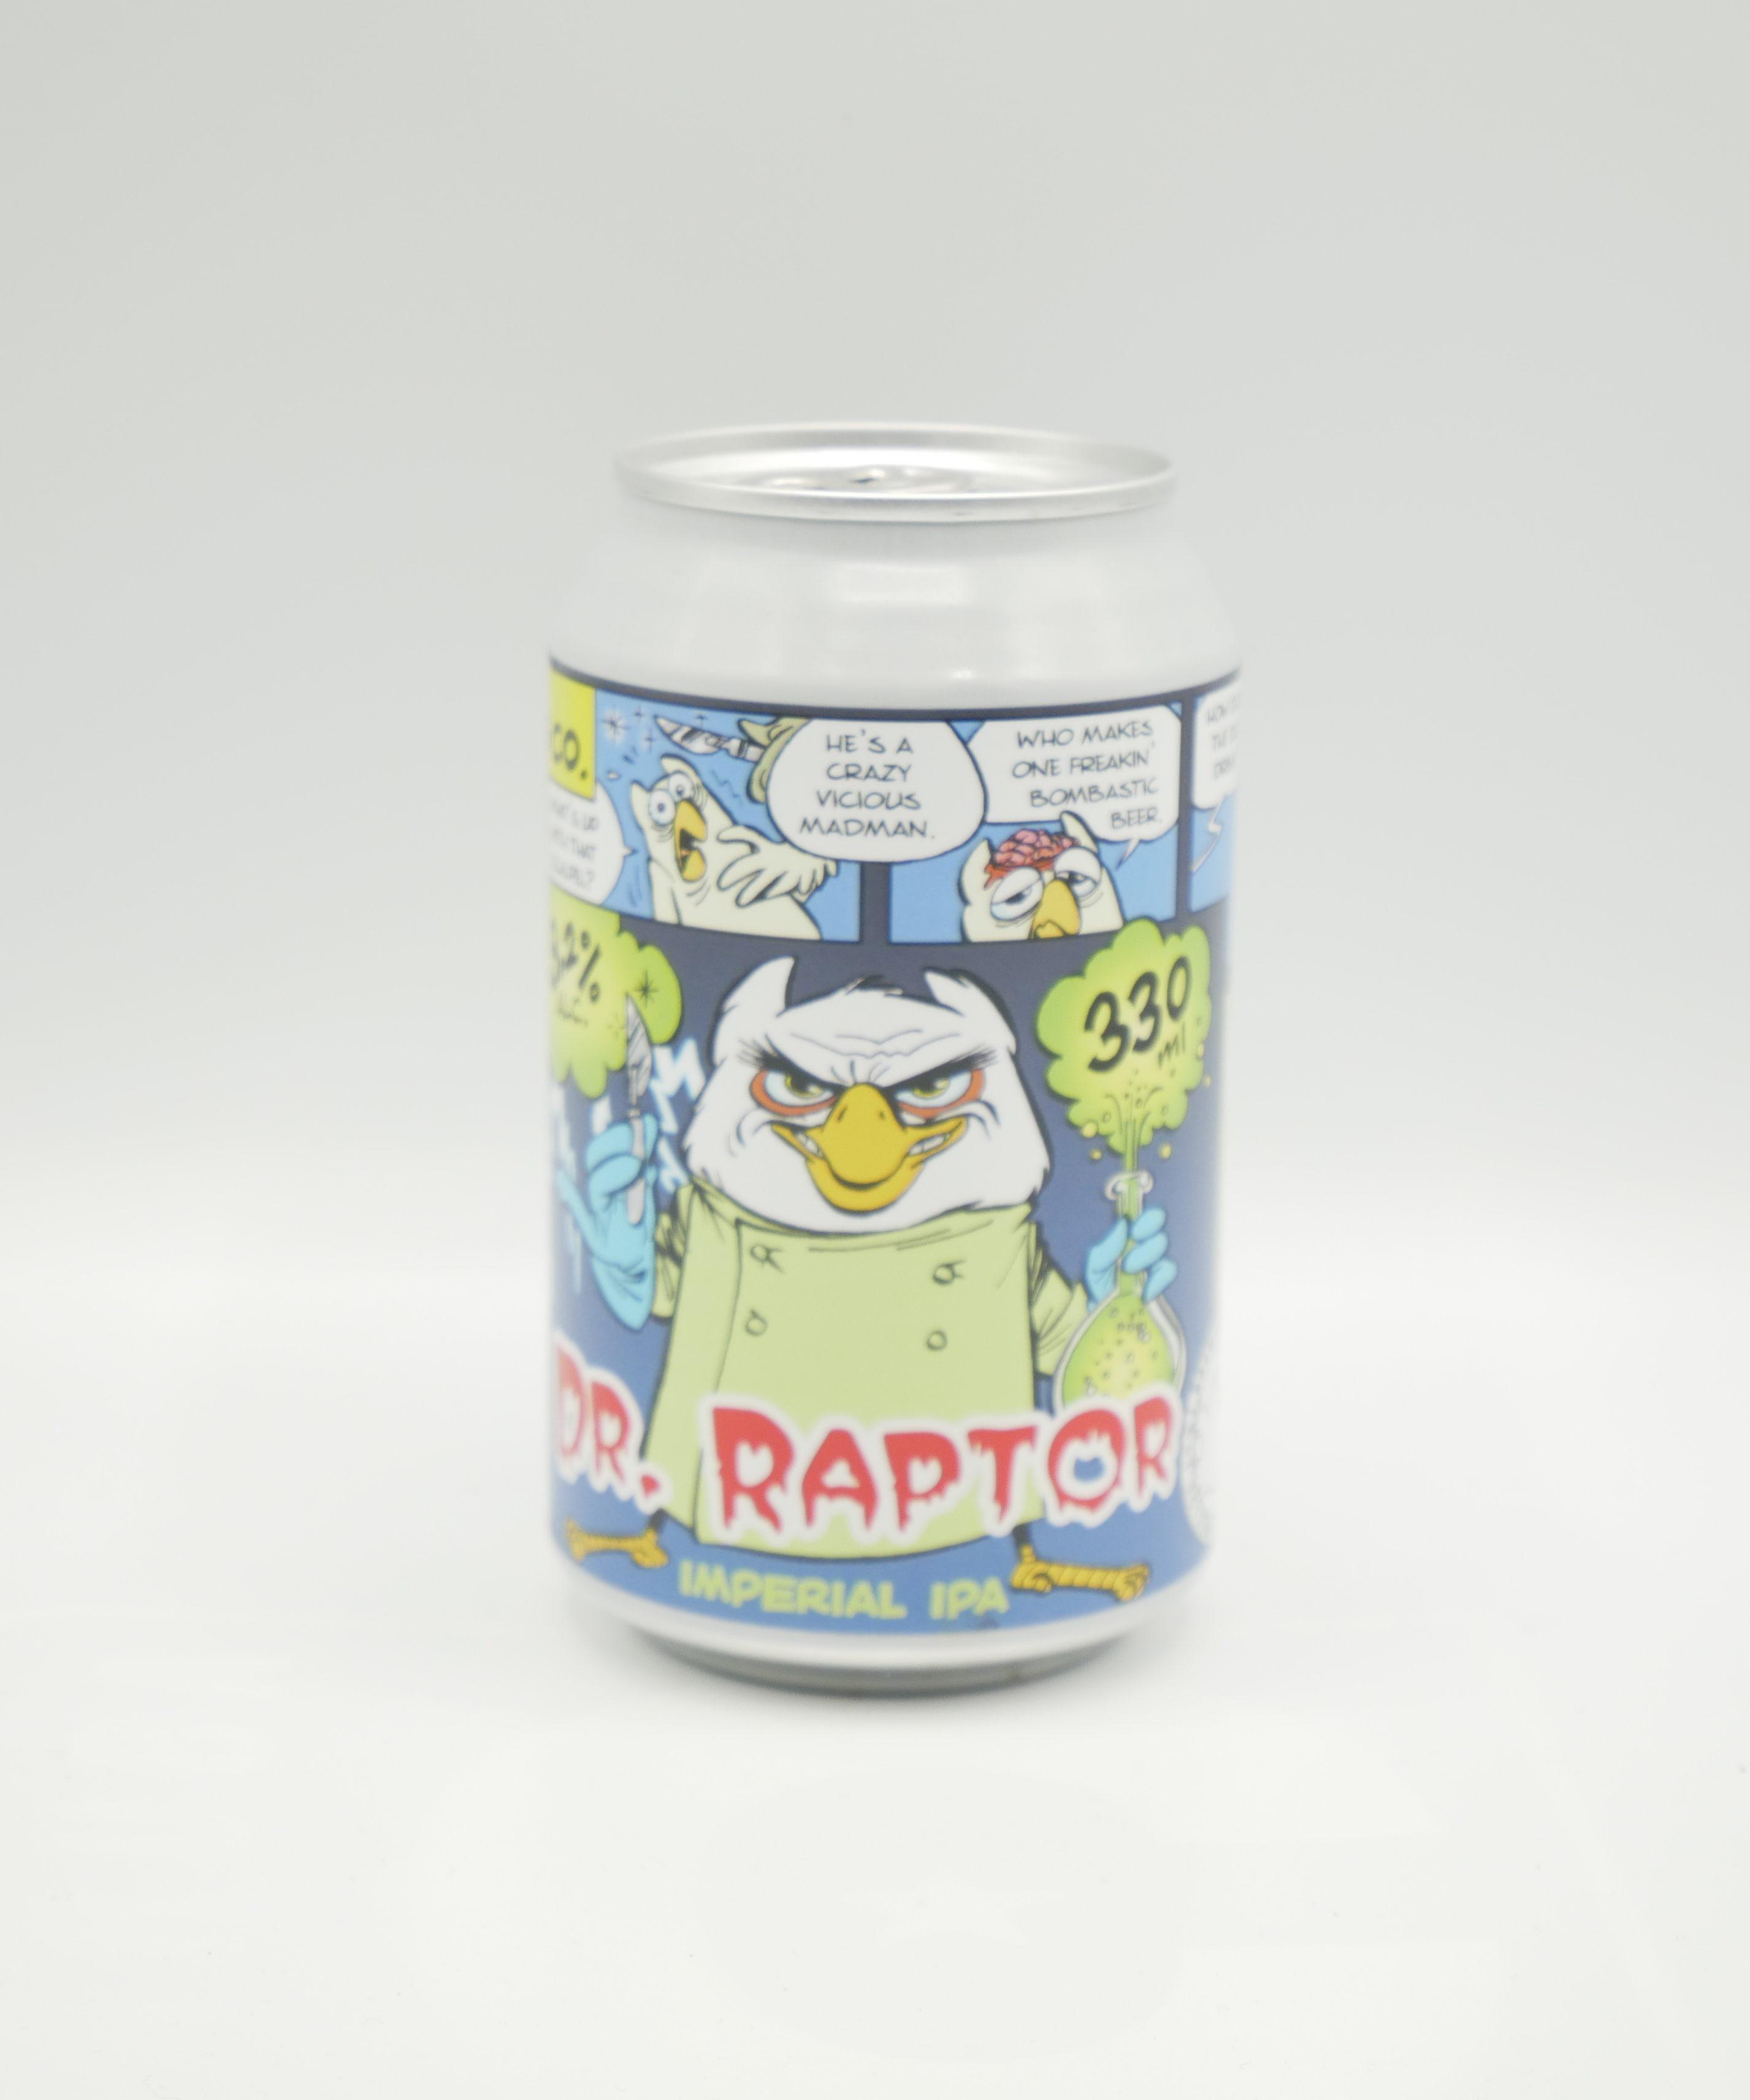 Image Dr.Raptor